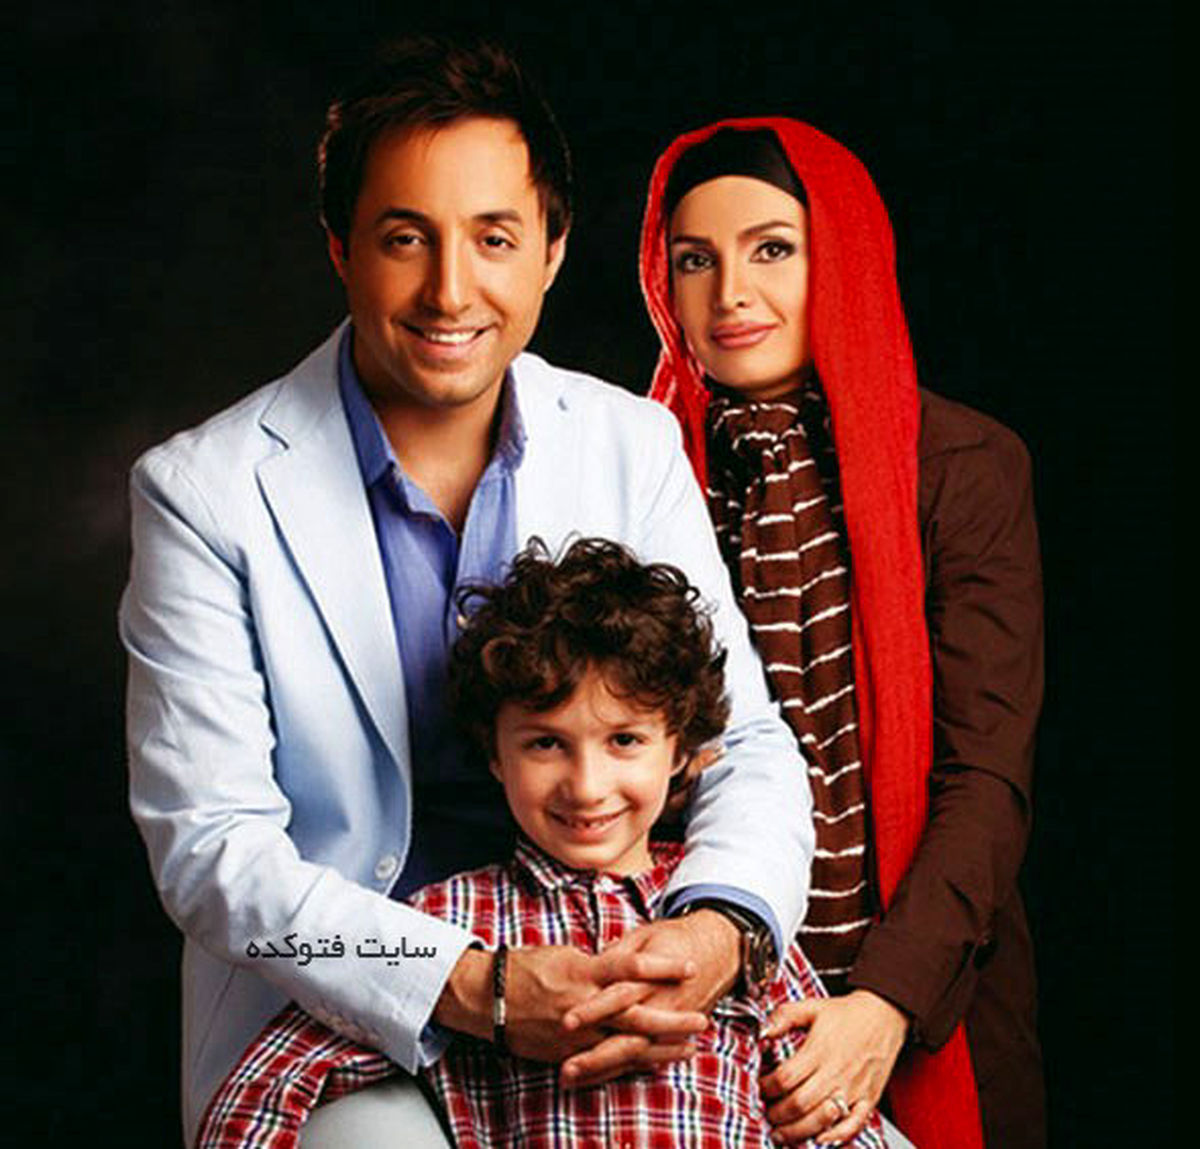 عکس لورفته از ماشین مدل بالای امیرحسین رستمی! +عکس همسر و فرزندش